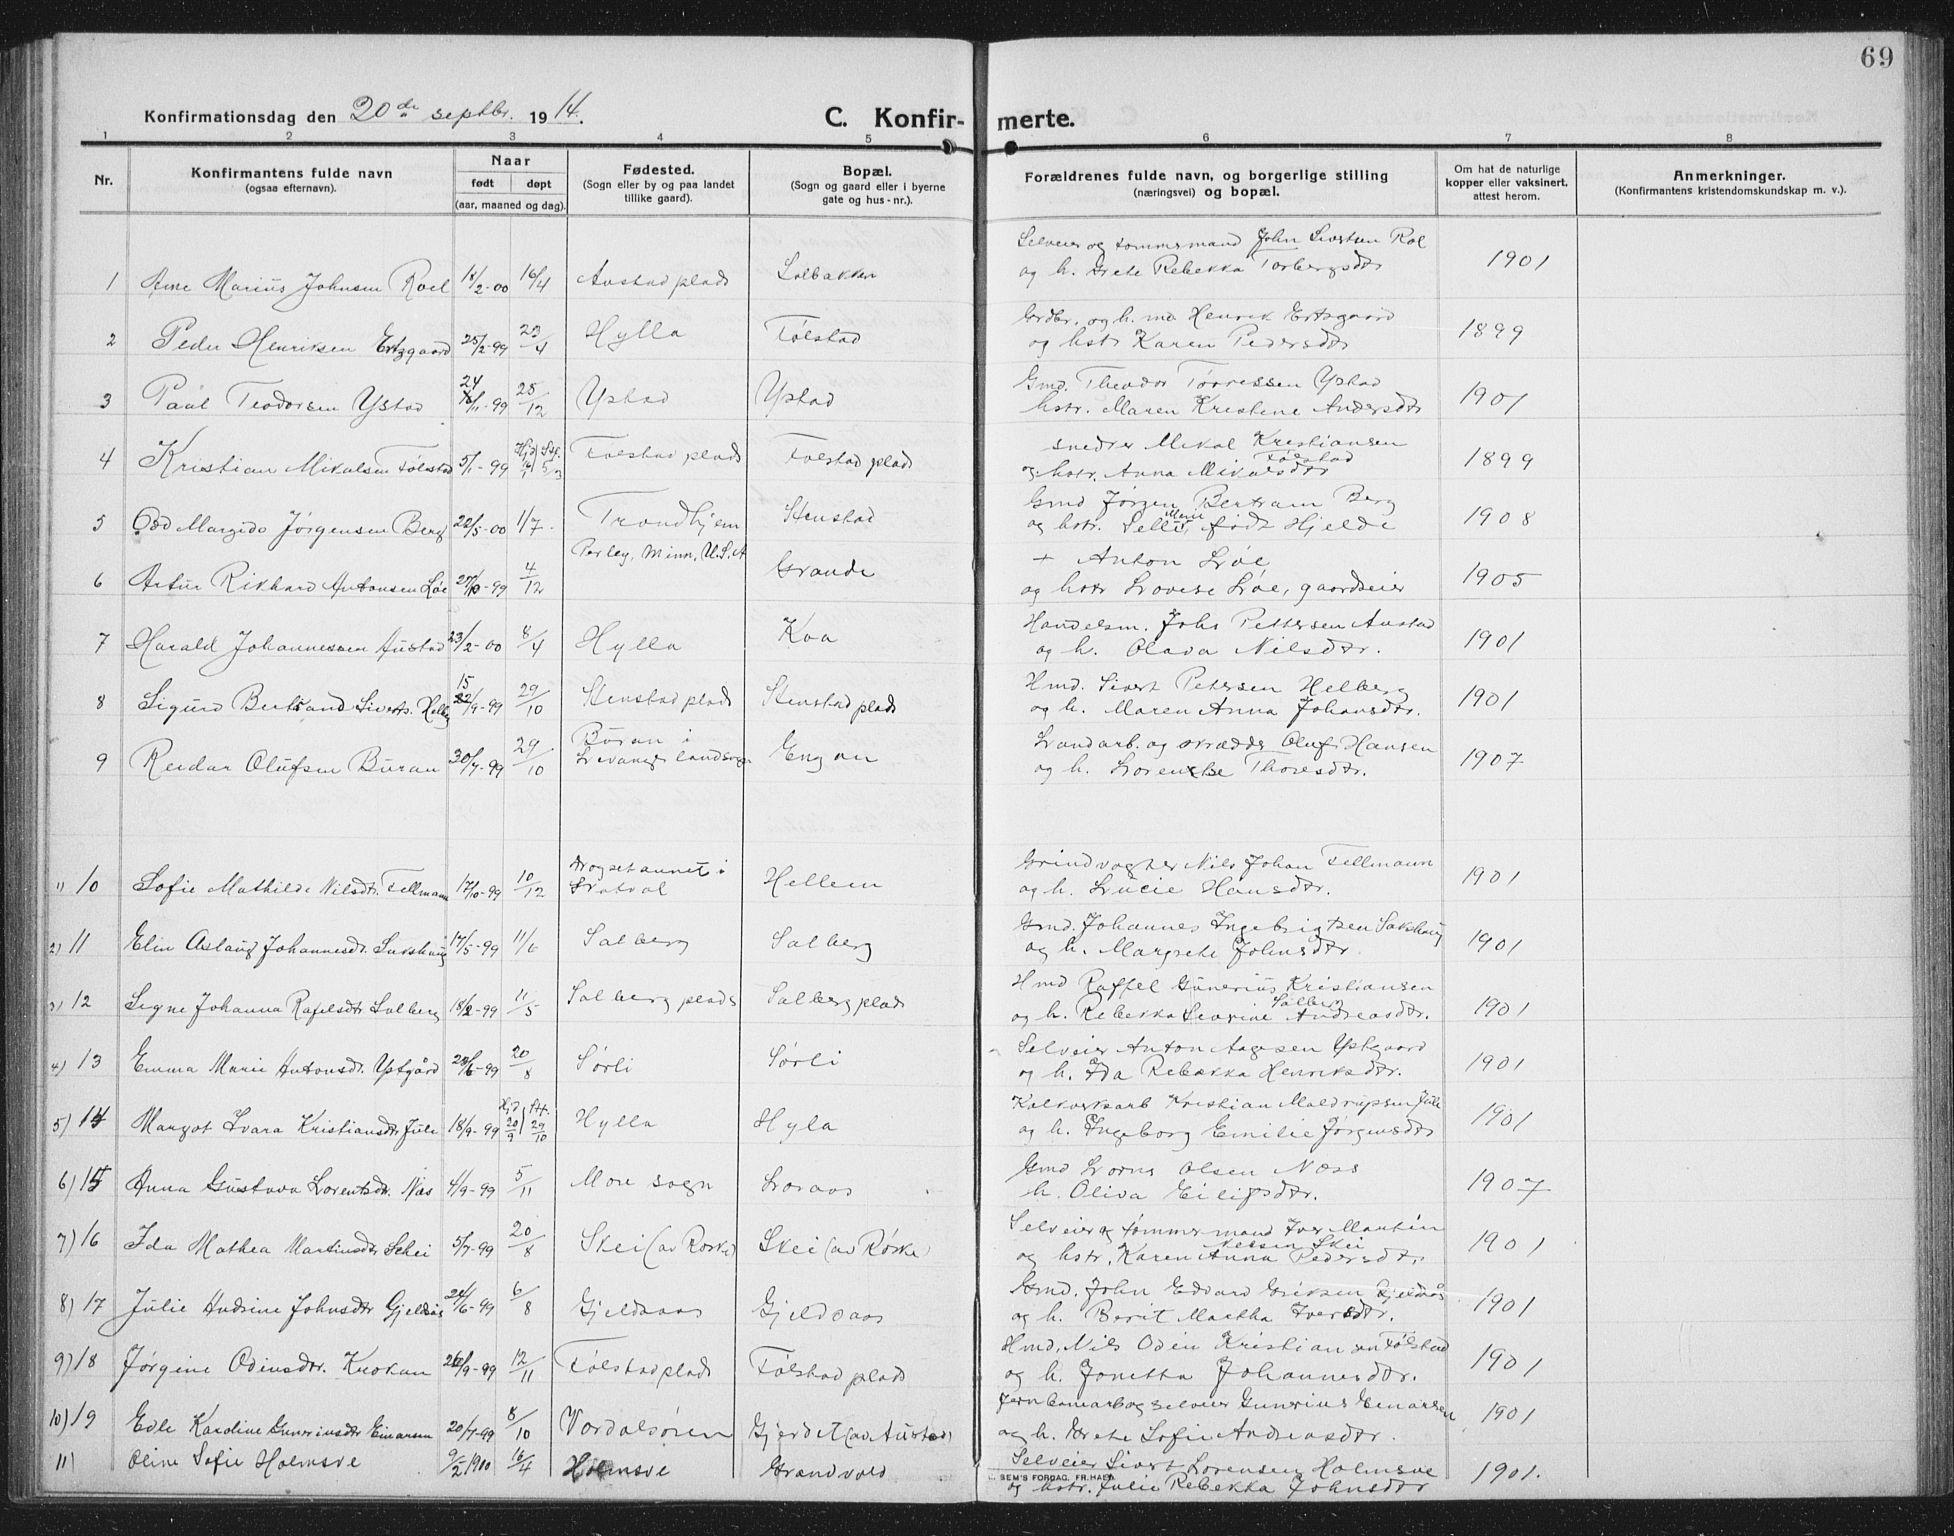 SAT, Ministerialprotokoller, klokkerbøker og fødselsregistre - Nord-Trøndelag, 731/L0312: Klokkerbok nr. 731C03, 1911-1935, s. 69